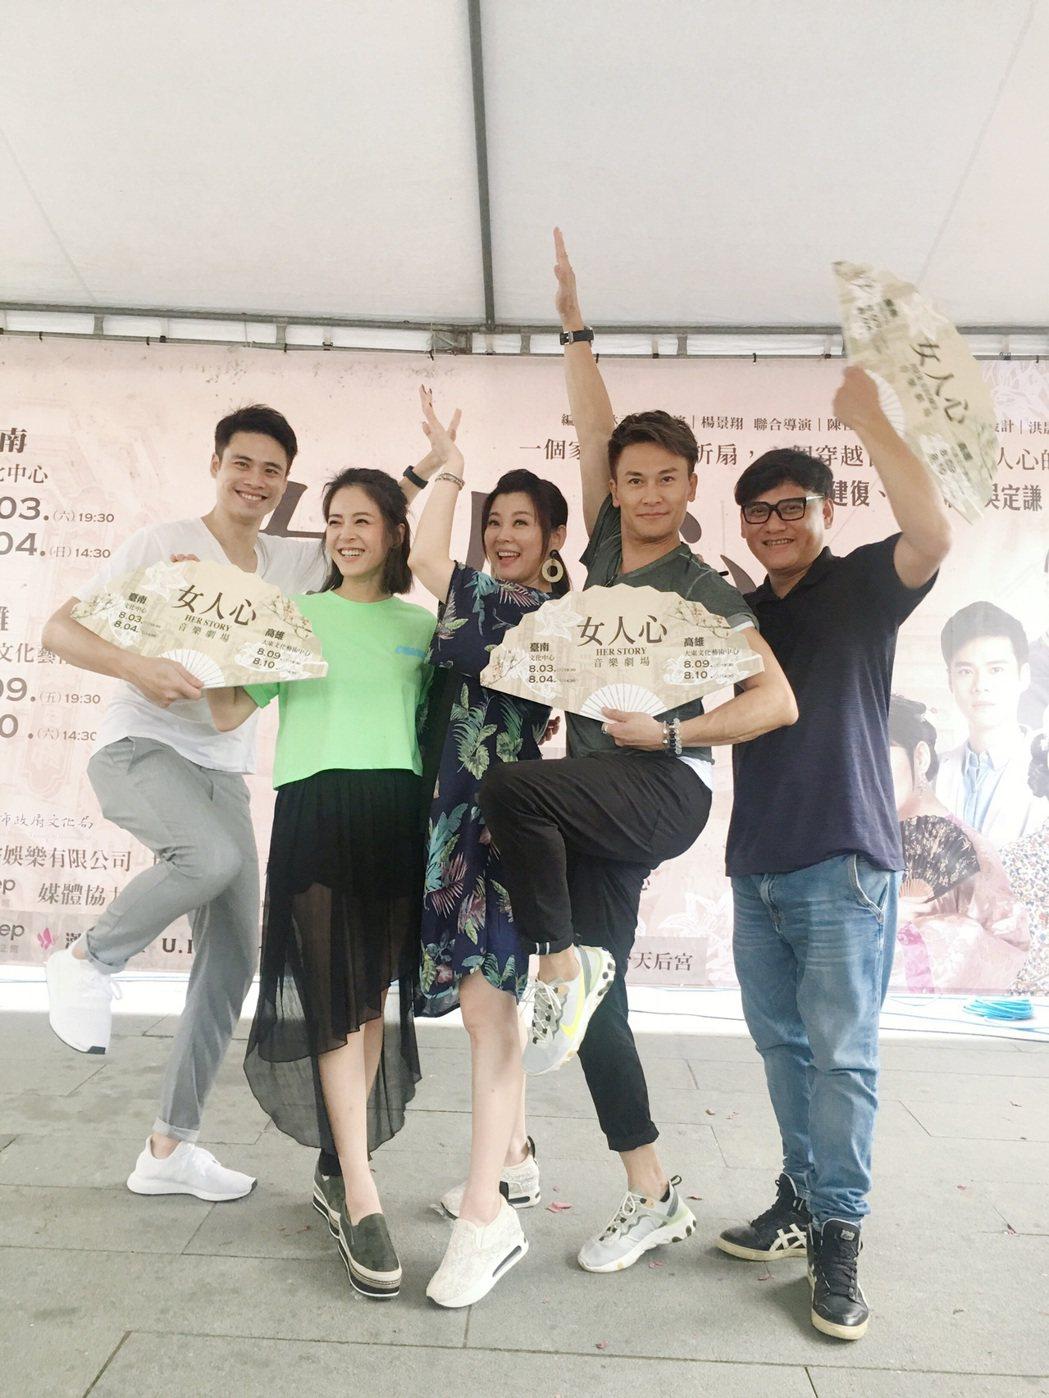 吳定謙(左起)、蘇晏霈、方馨、王建復、桑布伊到台南辦粉絲會。圖/民視提供